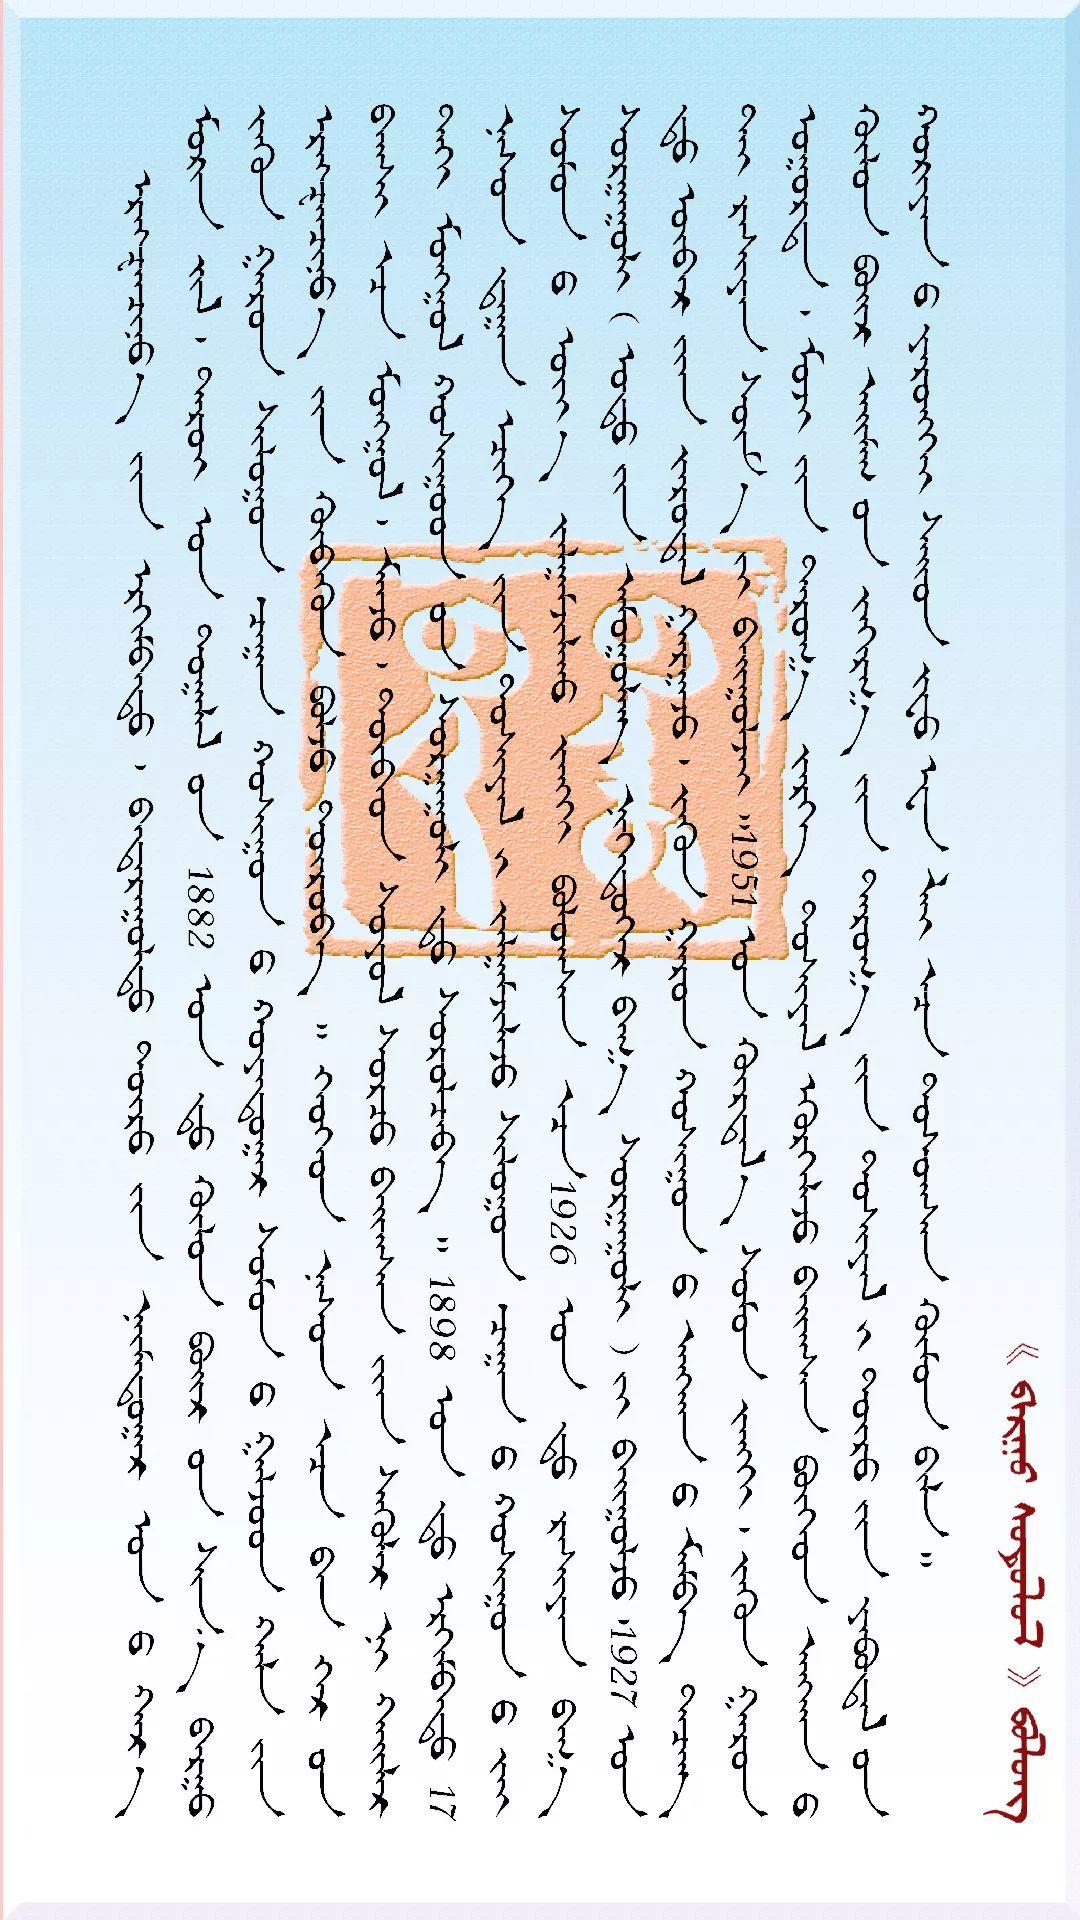 巴尔虎研究【第四期】 第2张 巴尔虎研究【第四期】 蒙古文化